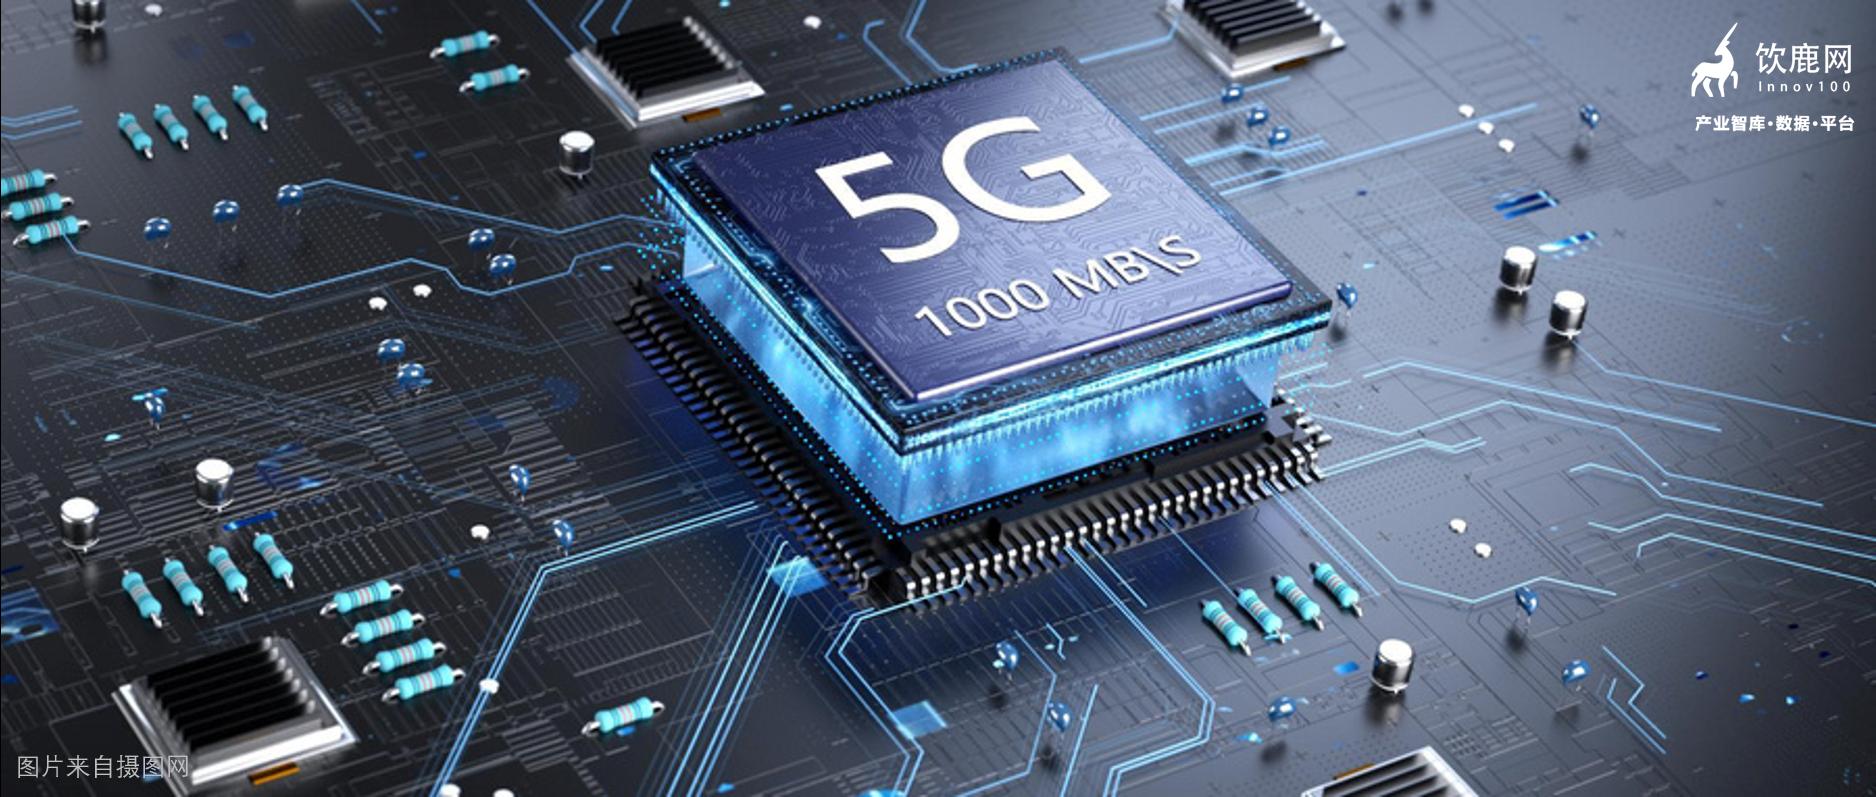 赛智时代:5G如何赋能半导体产业?